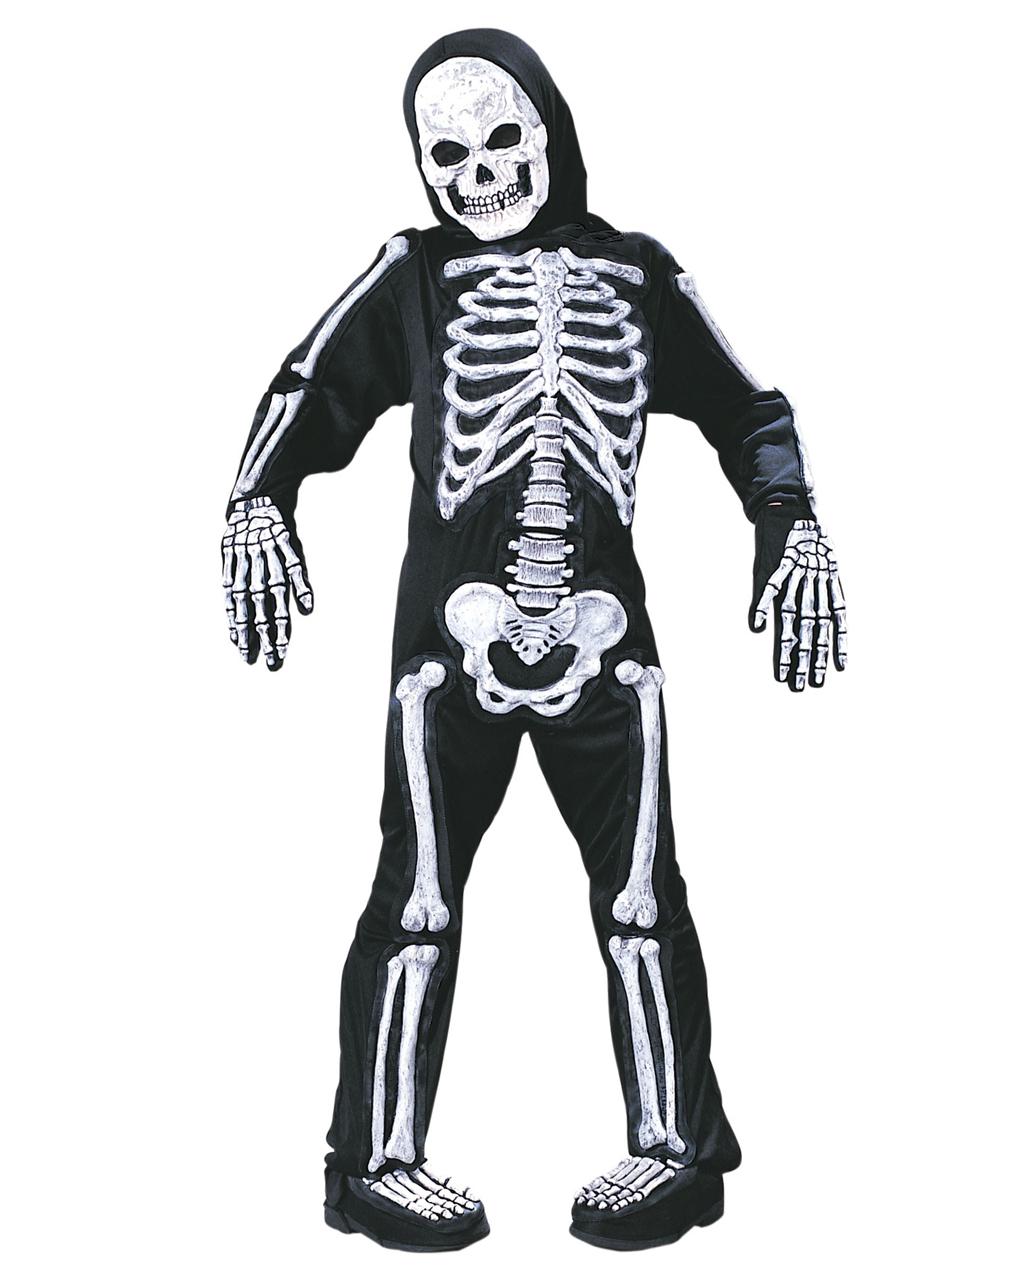 bis zu 80% sparen gehobene Qualität heiße Produkte Skelett Kinderkostüm mit 3D Knochen